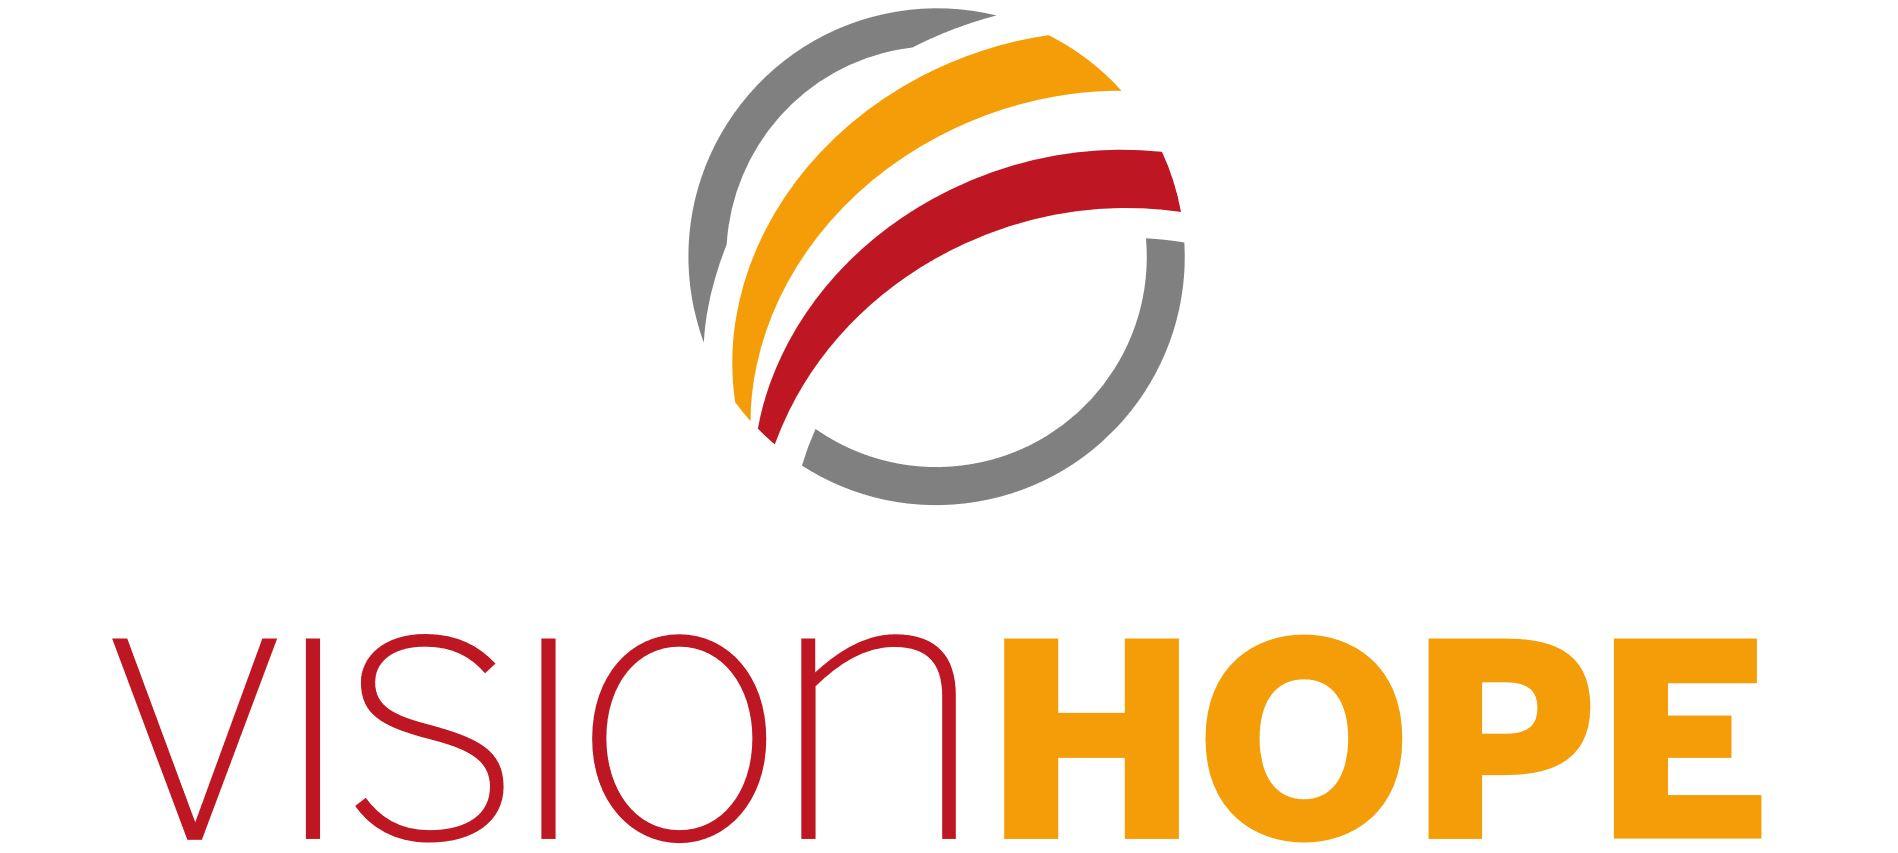 Vision Hope.JPG